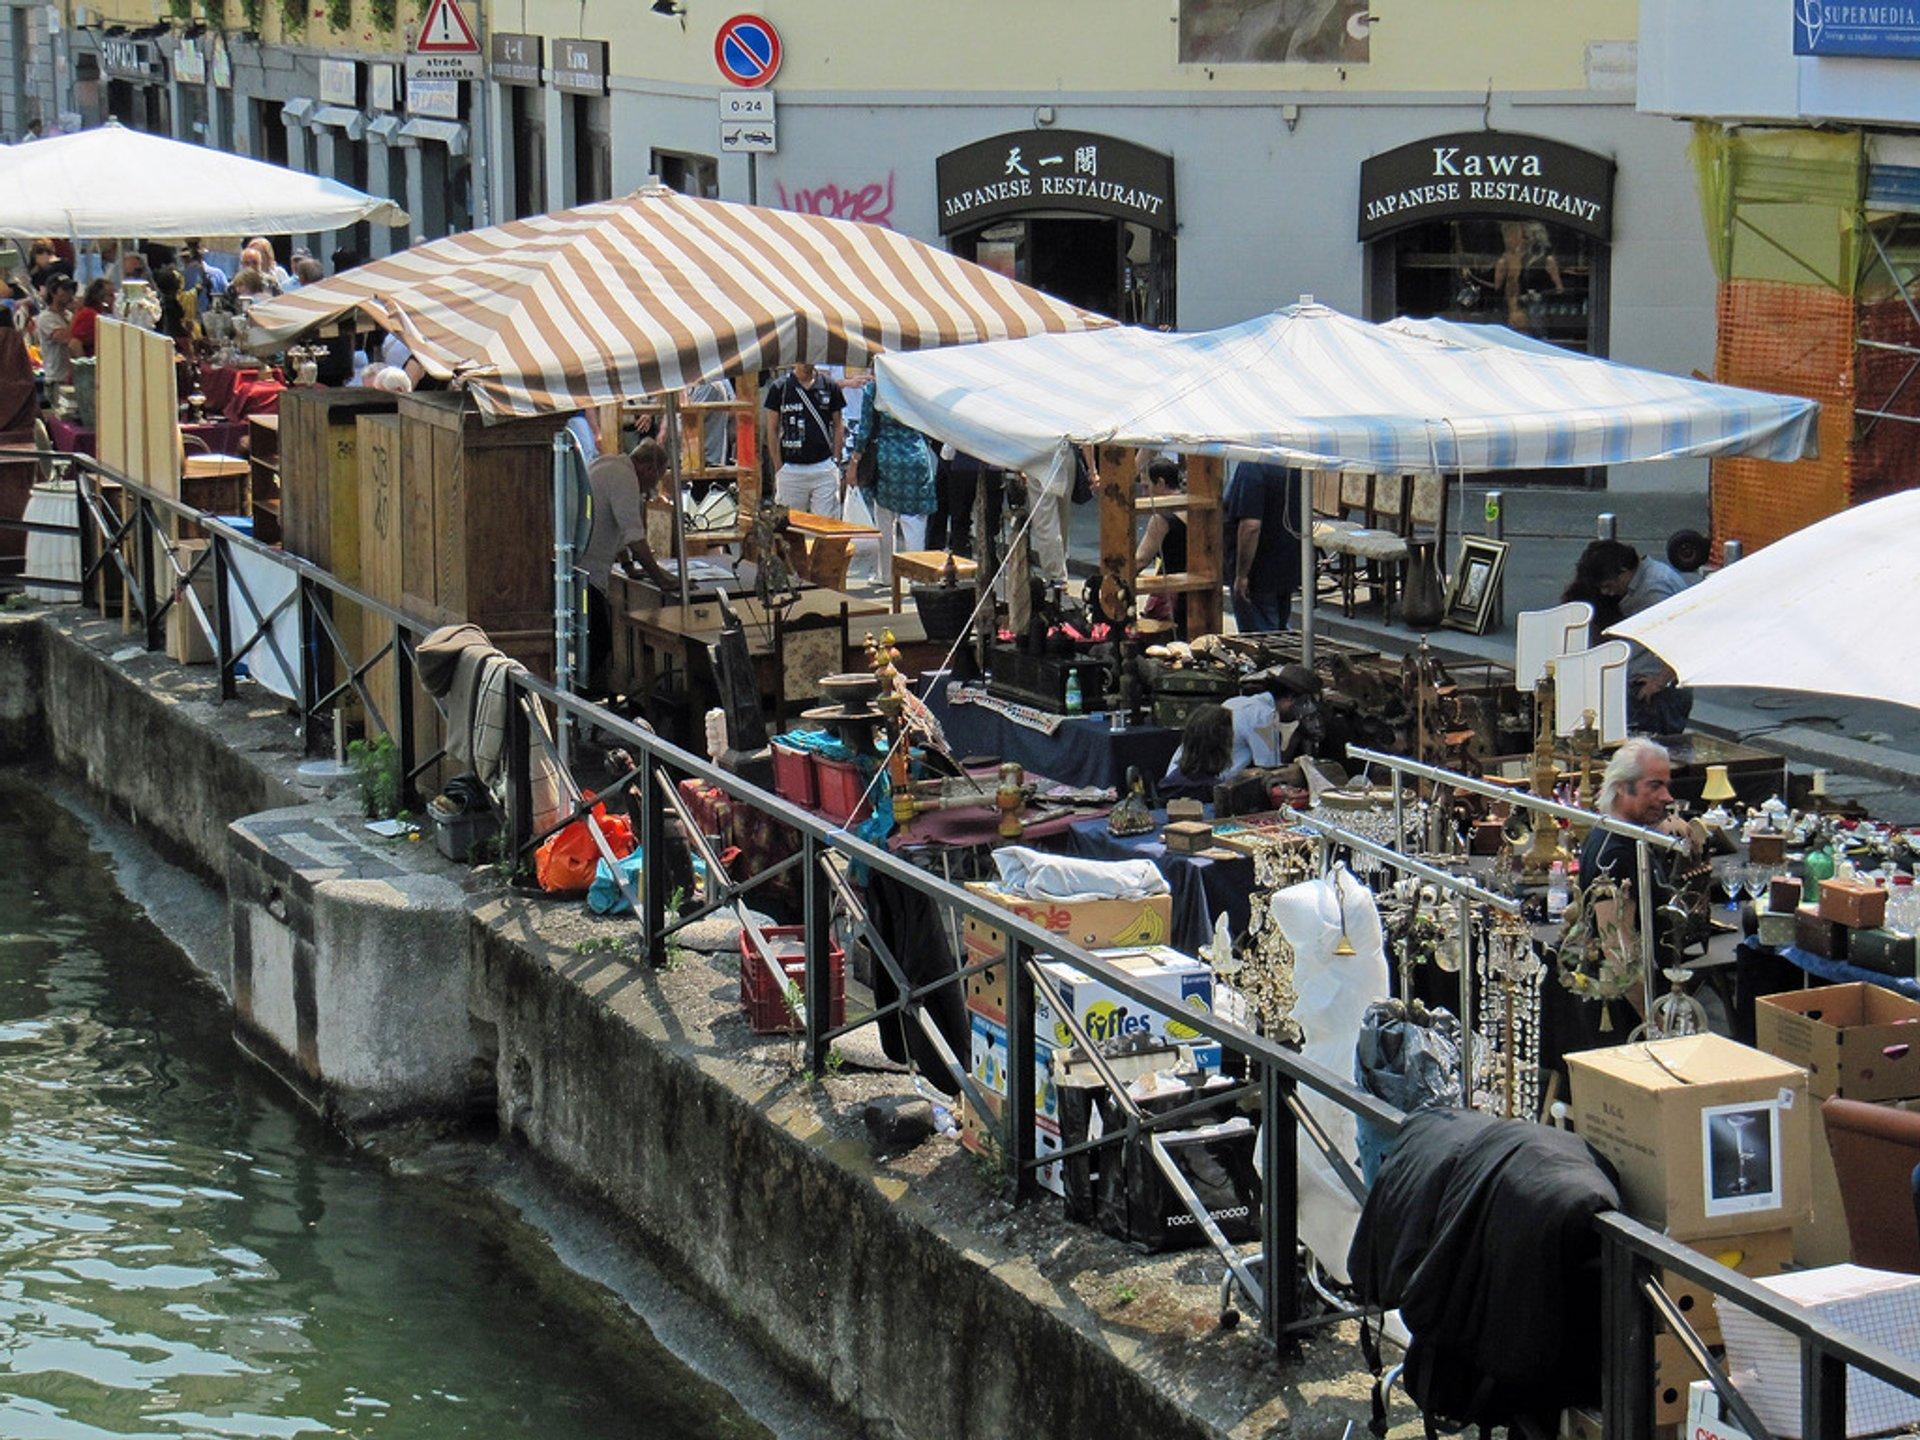 Naviglio flea market, Milan, Italy (Mercatone dell'Antiquariato sul Naviglio Grande) 2020